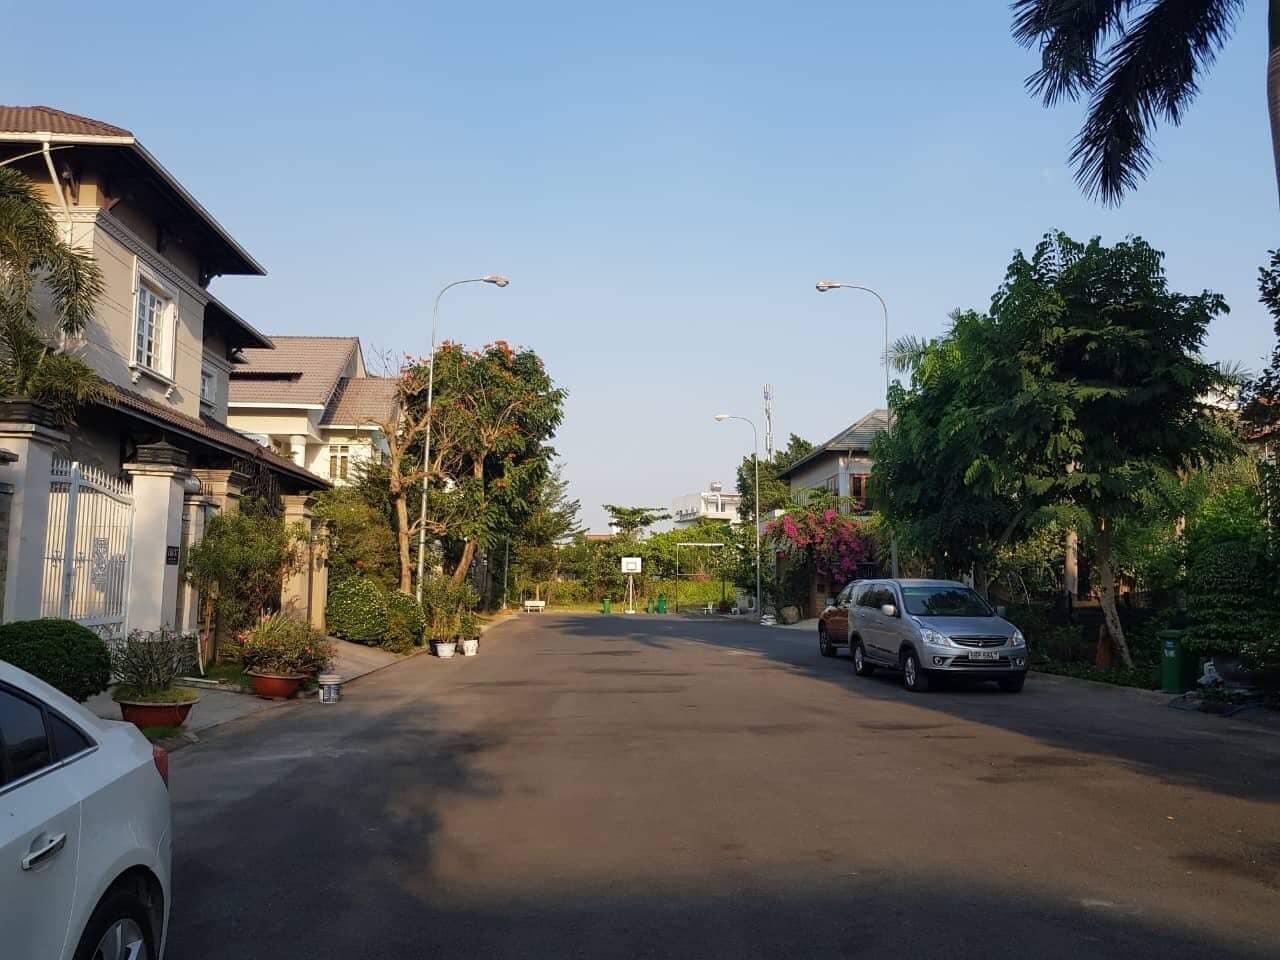 Bán Đất Biệt thự Thảo Điền cần bán nằm trong khu Compound Eden số 121 Nguyễn Văn Hưởng, Thảo Điền, Quận 2.